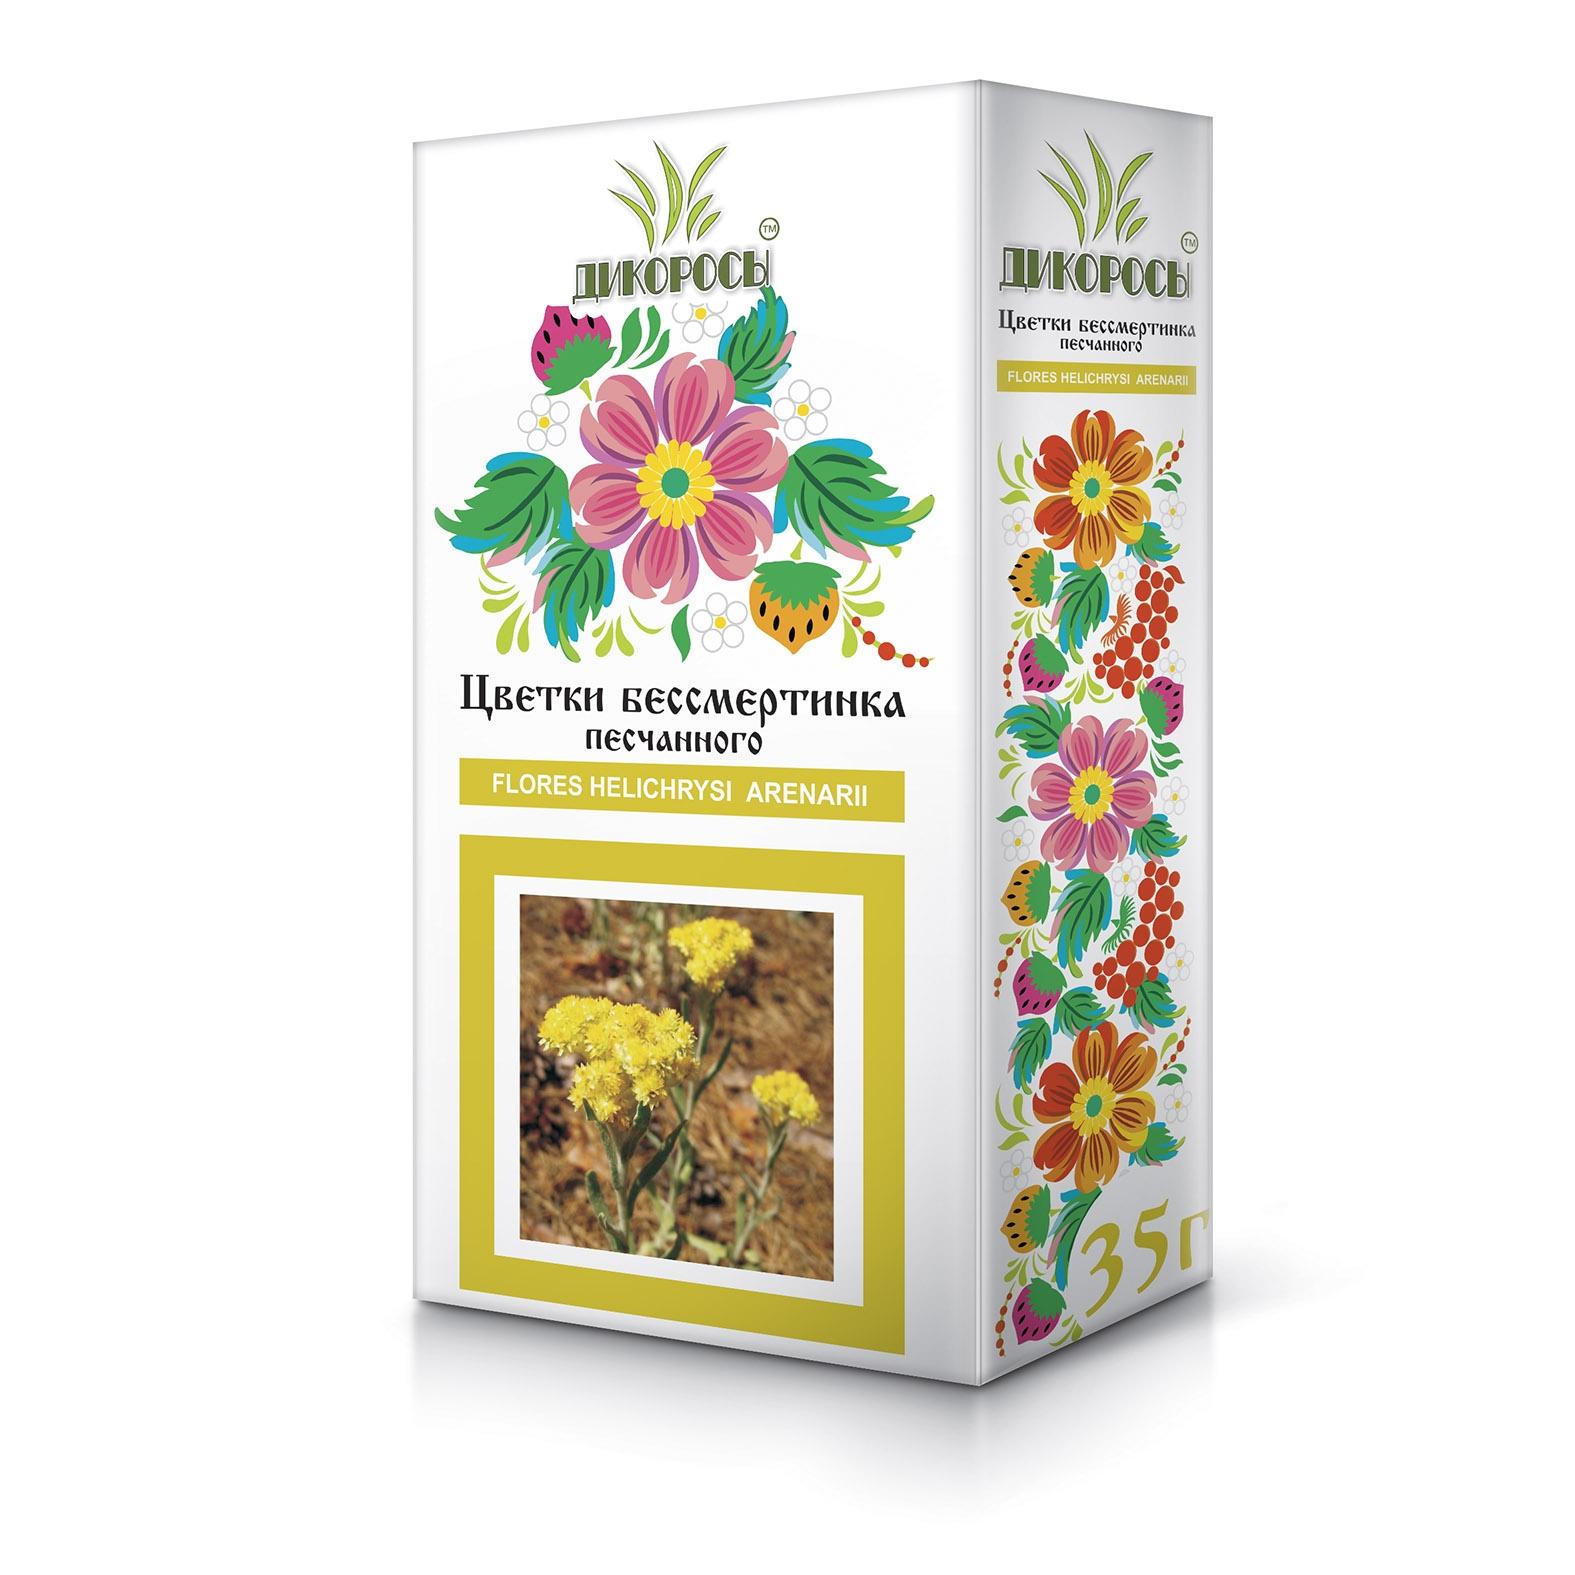 Цветки бессмертника: применение, лечебные и полезные свойства, противопоказания